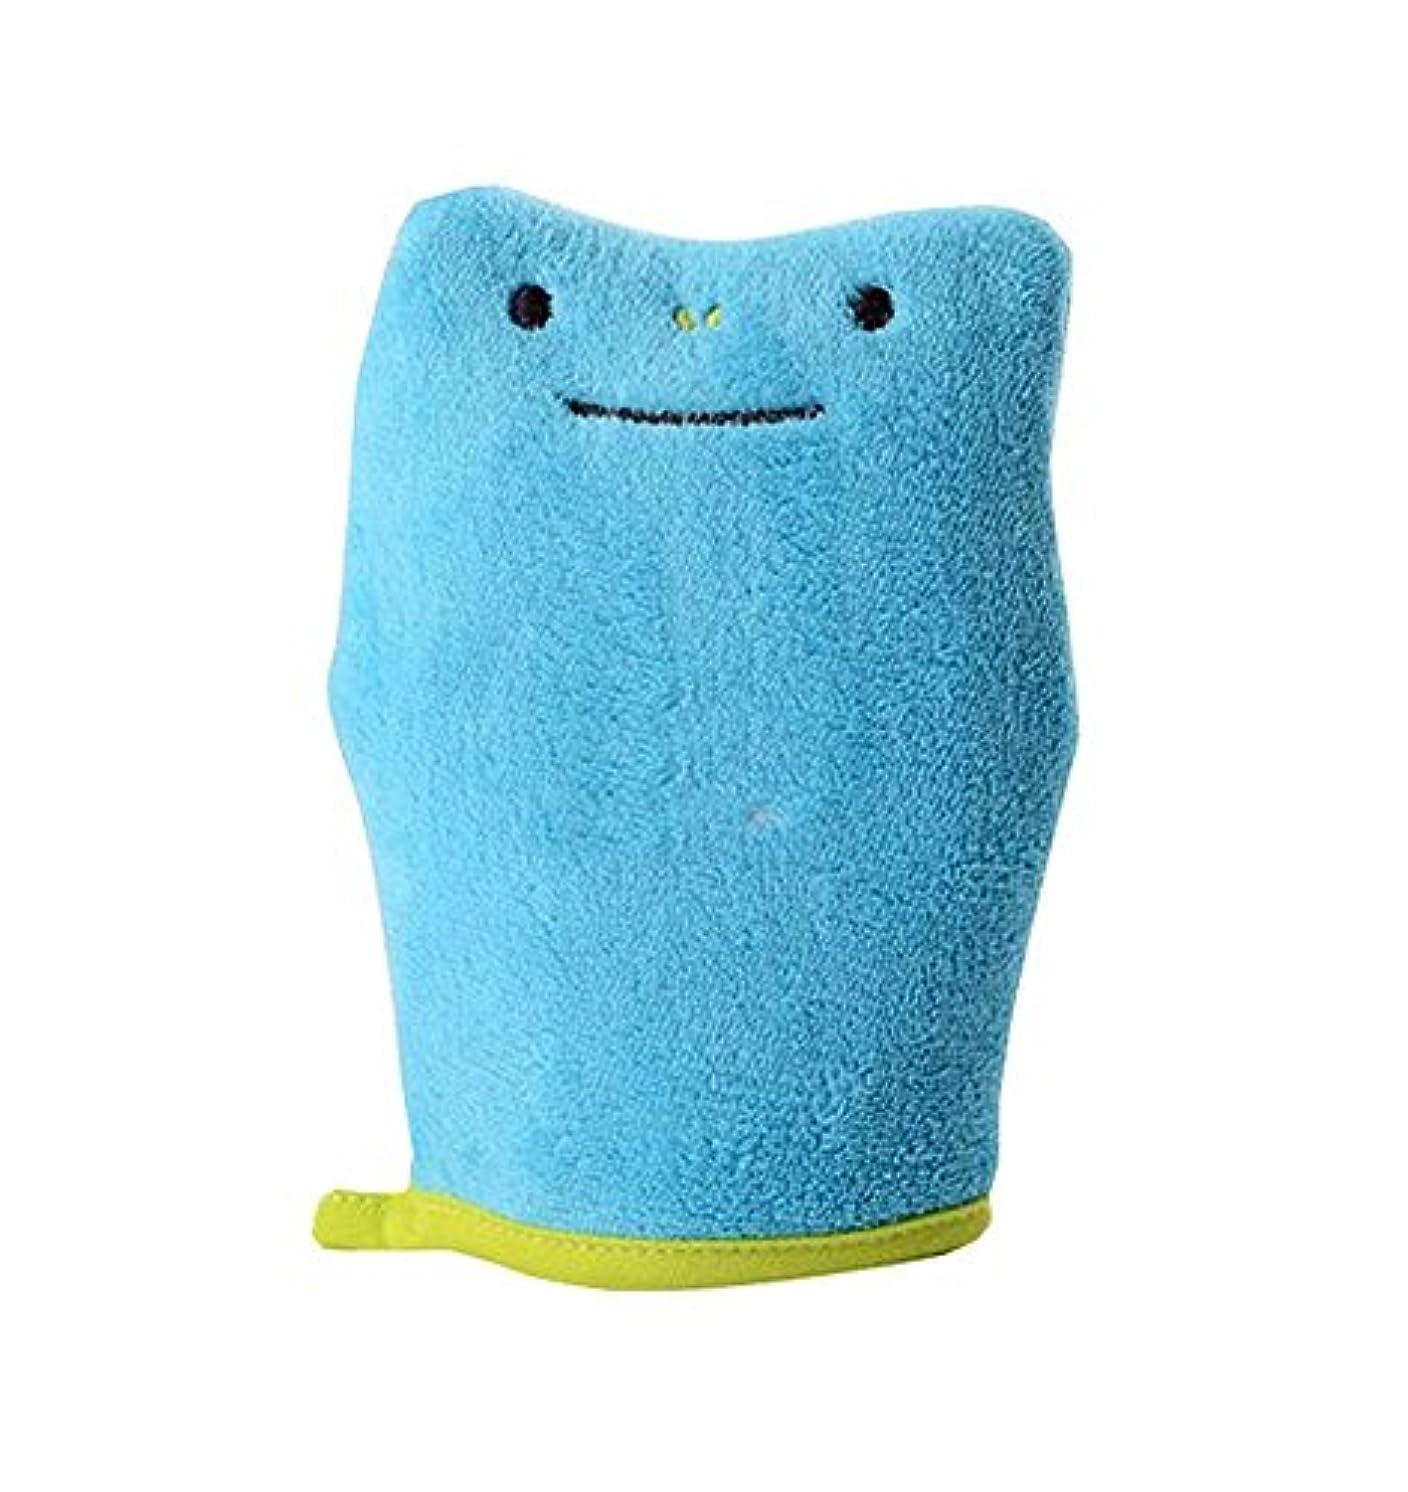 比類なききらめき防ぐバスブラシスポンジバスタオル製品子供バススポンジ、ブルー